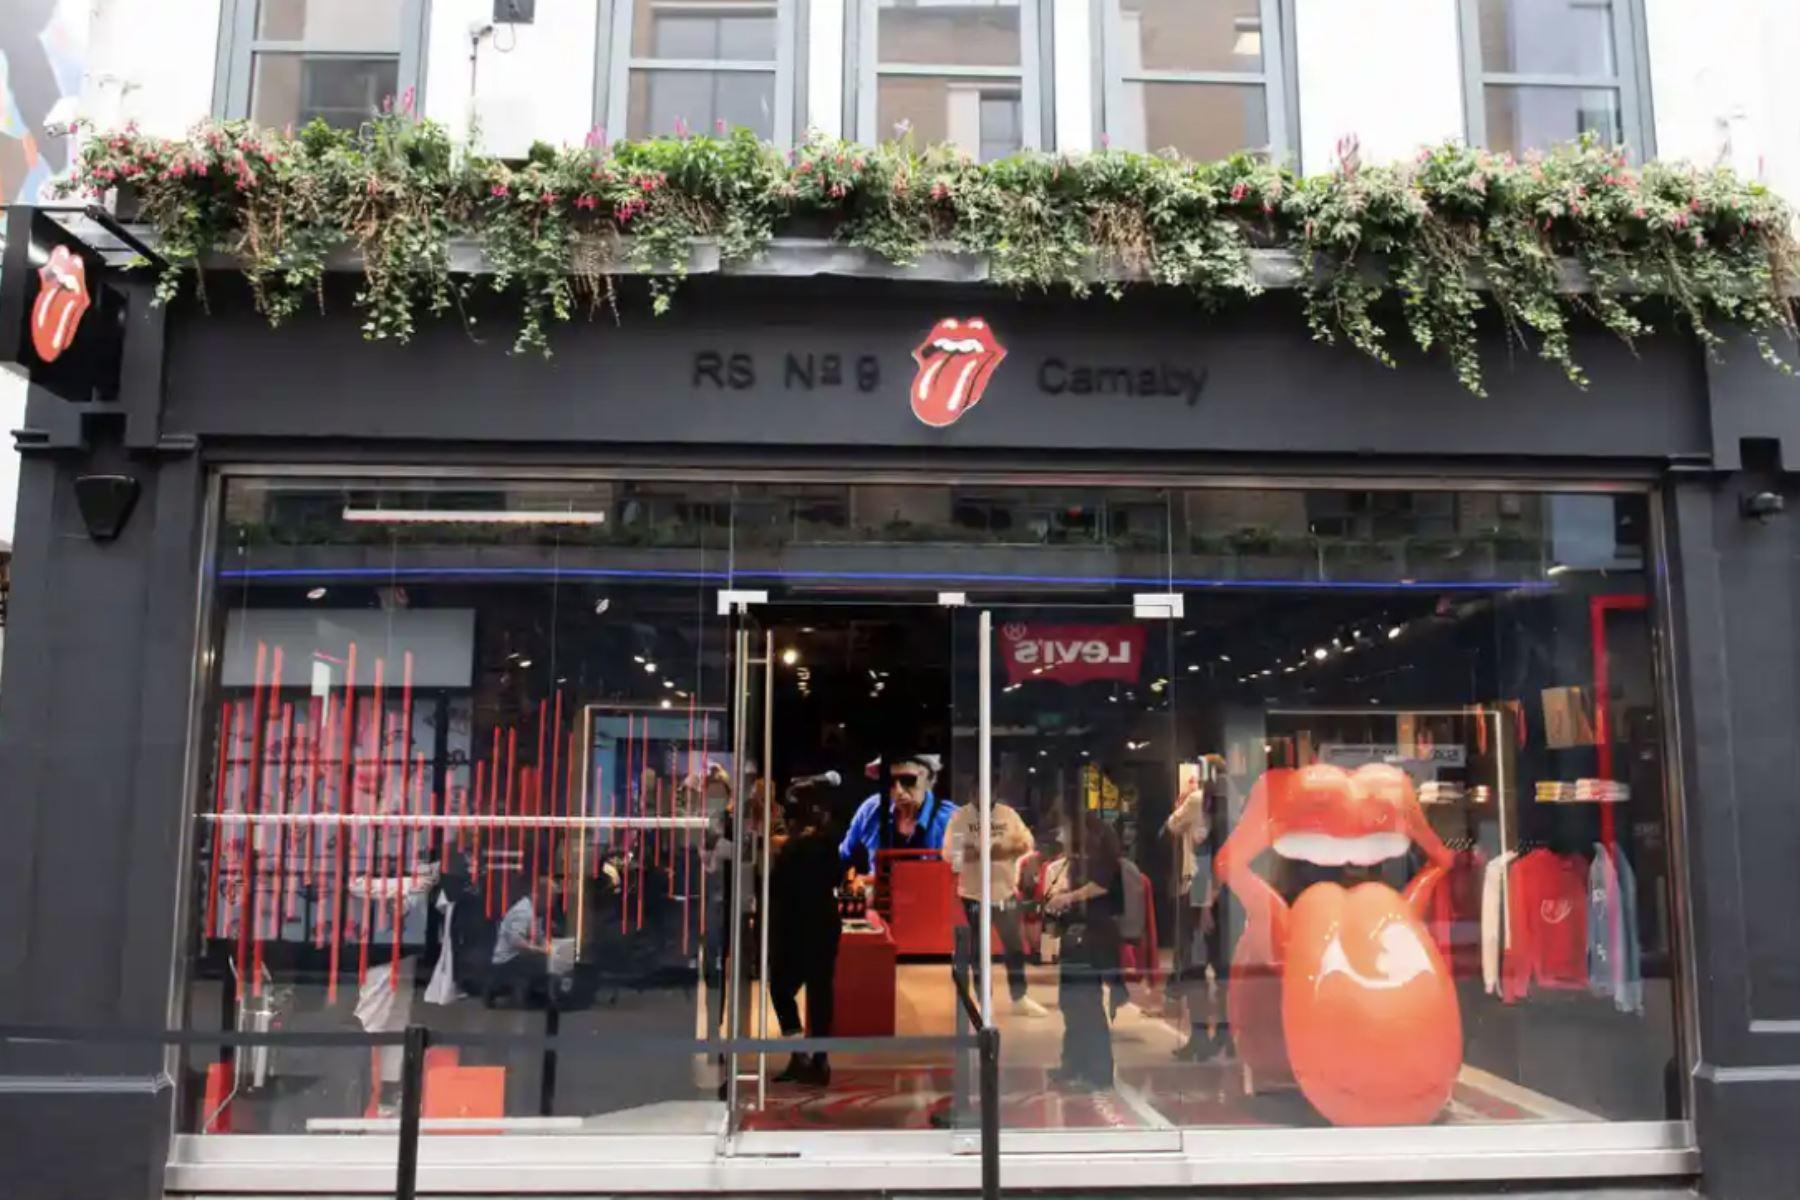 Los Rolling Stones abren su primera tienda en Londres | Noticias | Agencia  Peruana de Noticias Andina